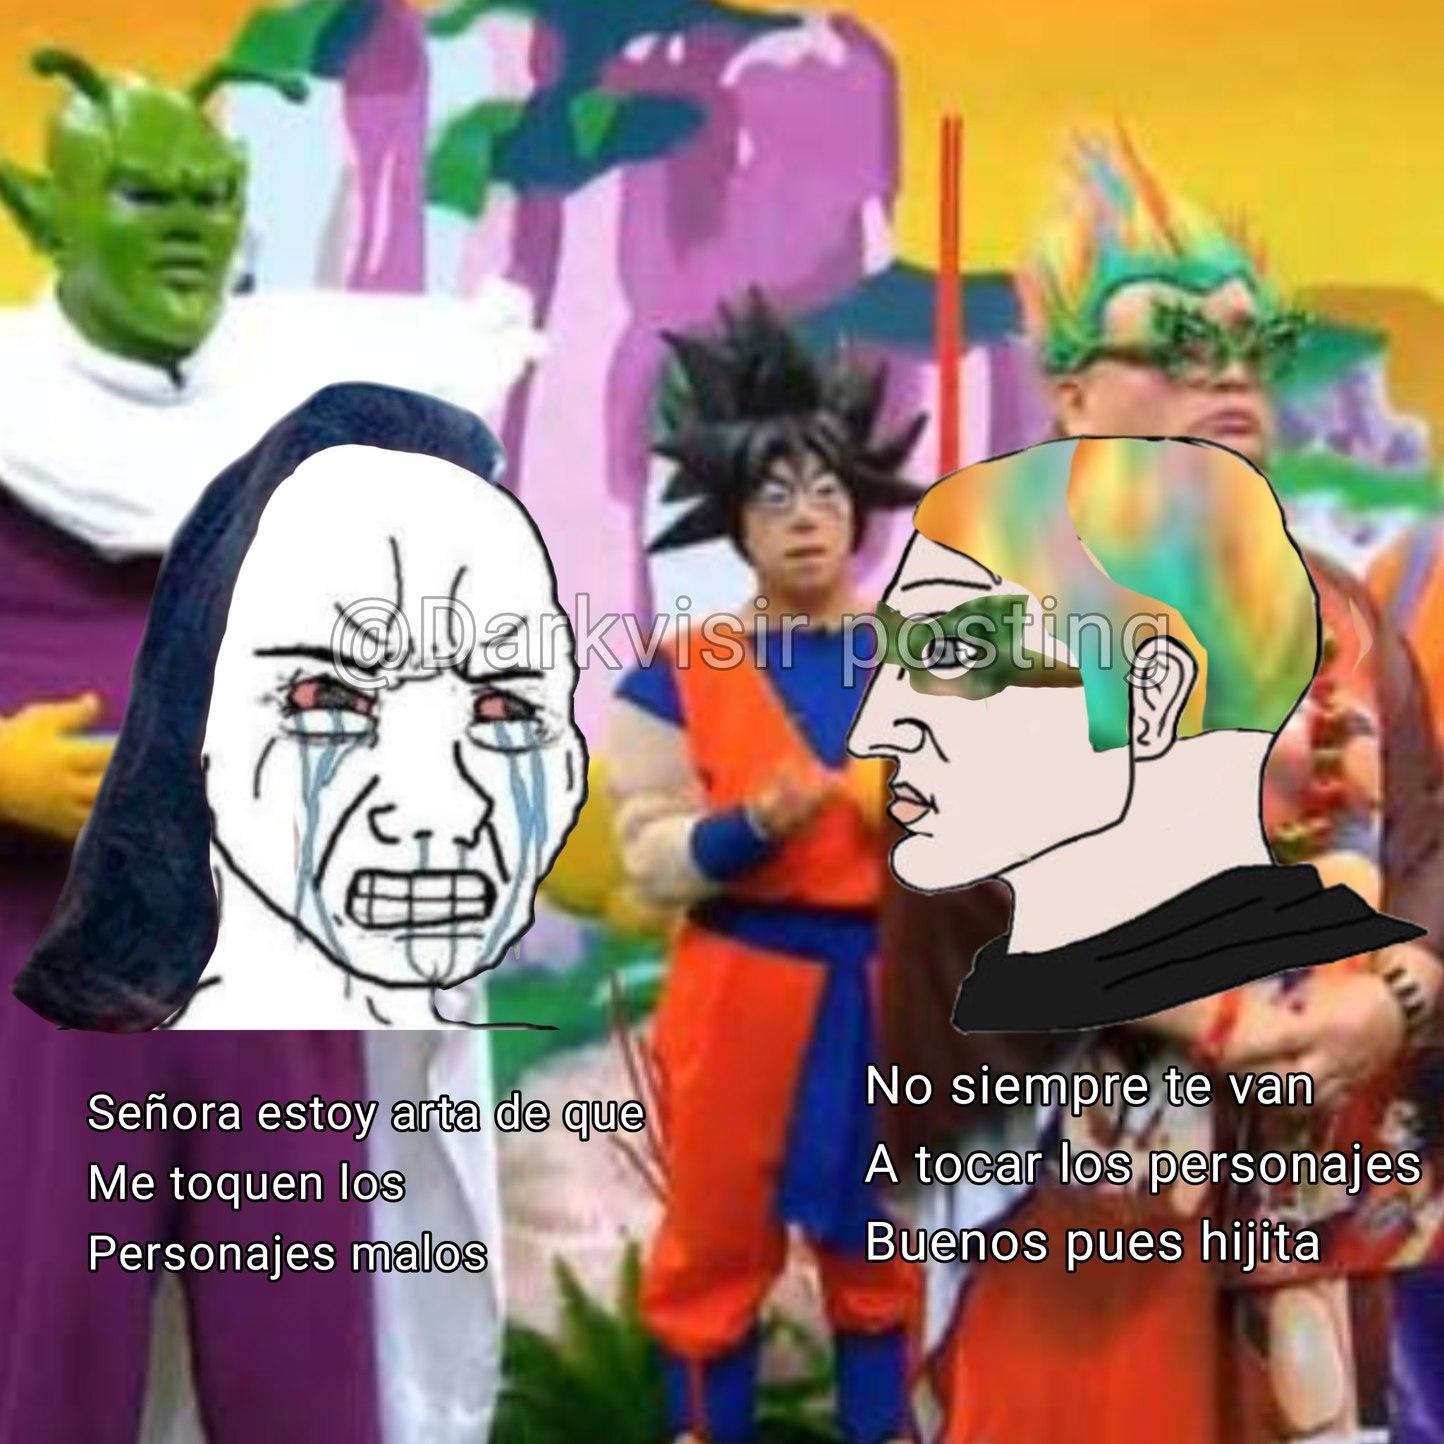 Pocas ocasiones donde creo un meme original (creo que solo los peruanos entenderán el meme xddd)